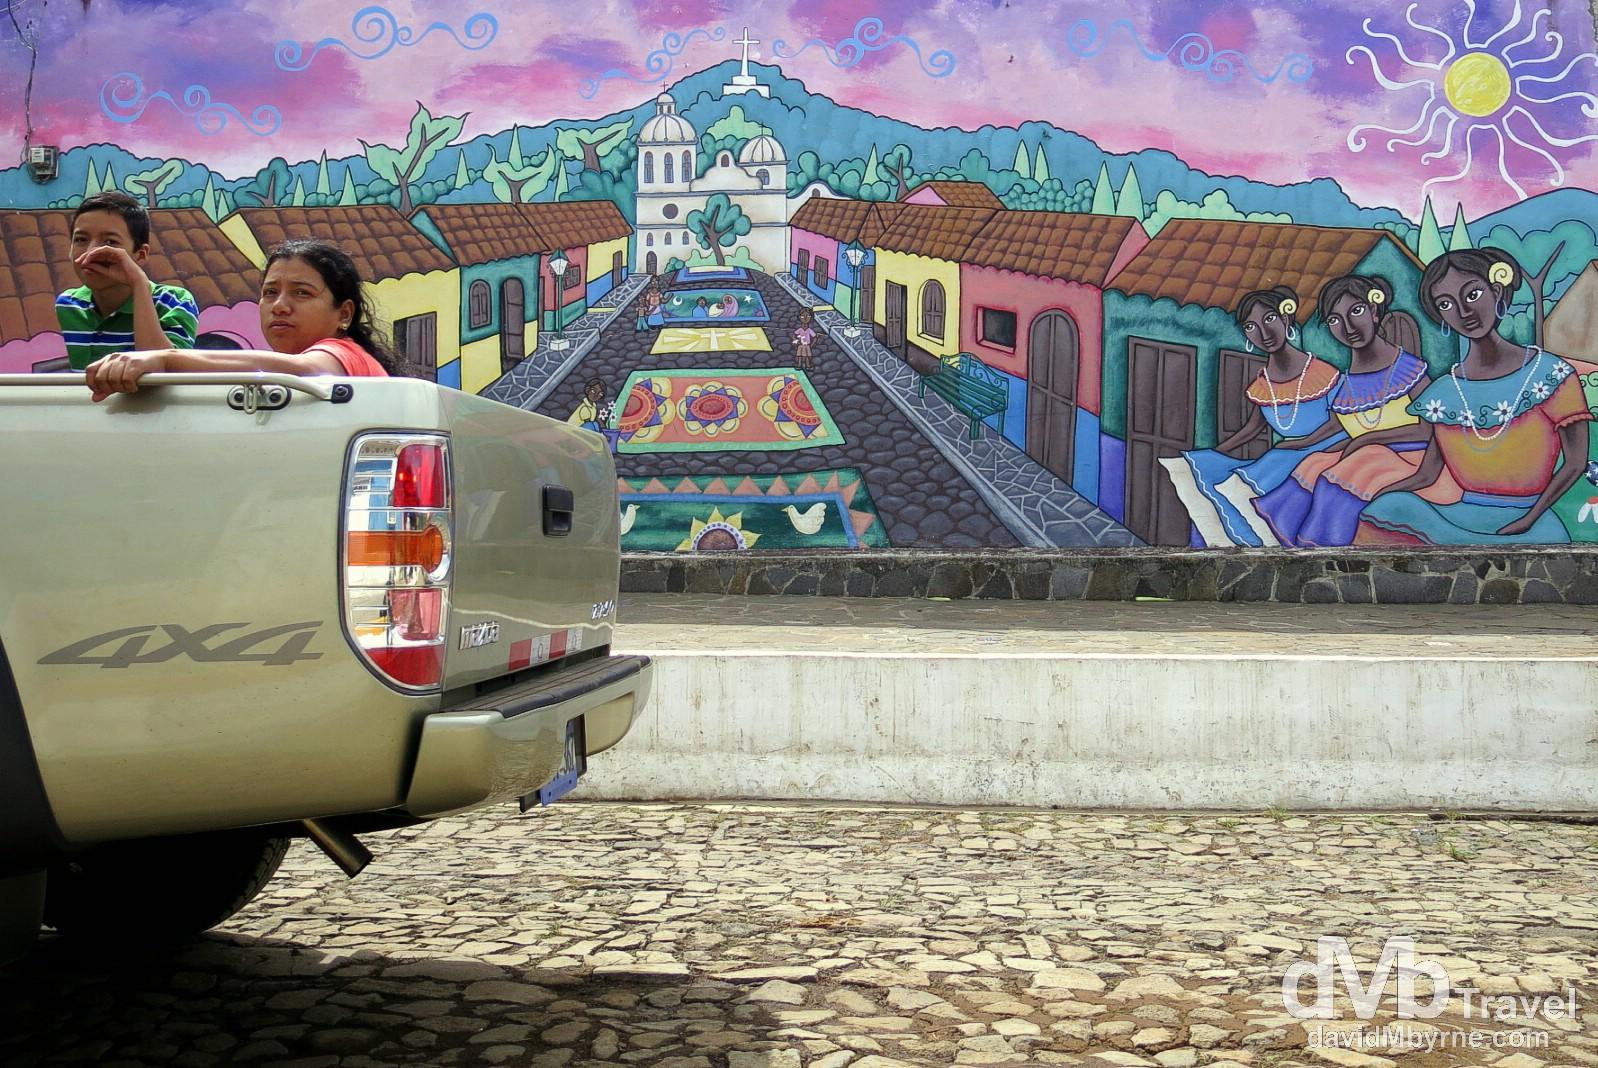 Concepción de Ataco, El Salvador, Central America